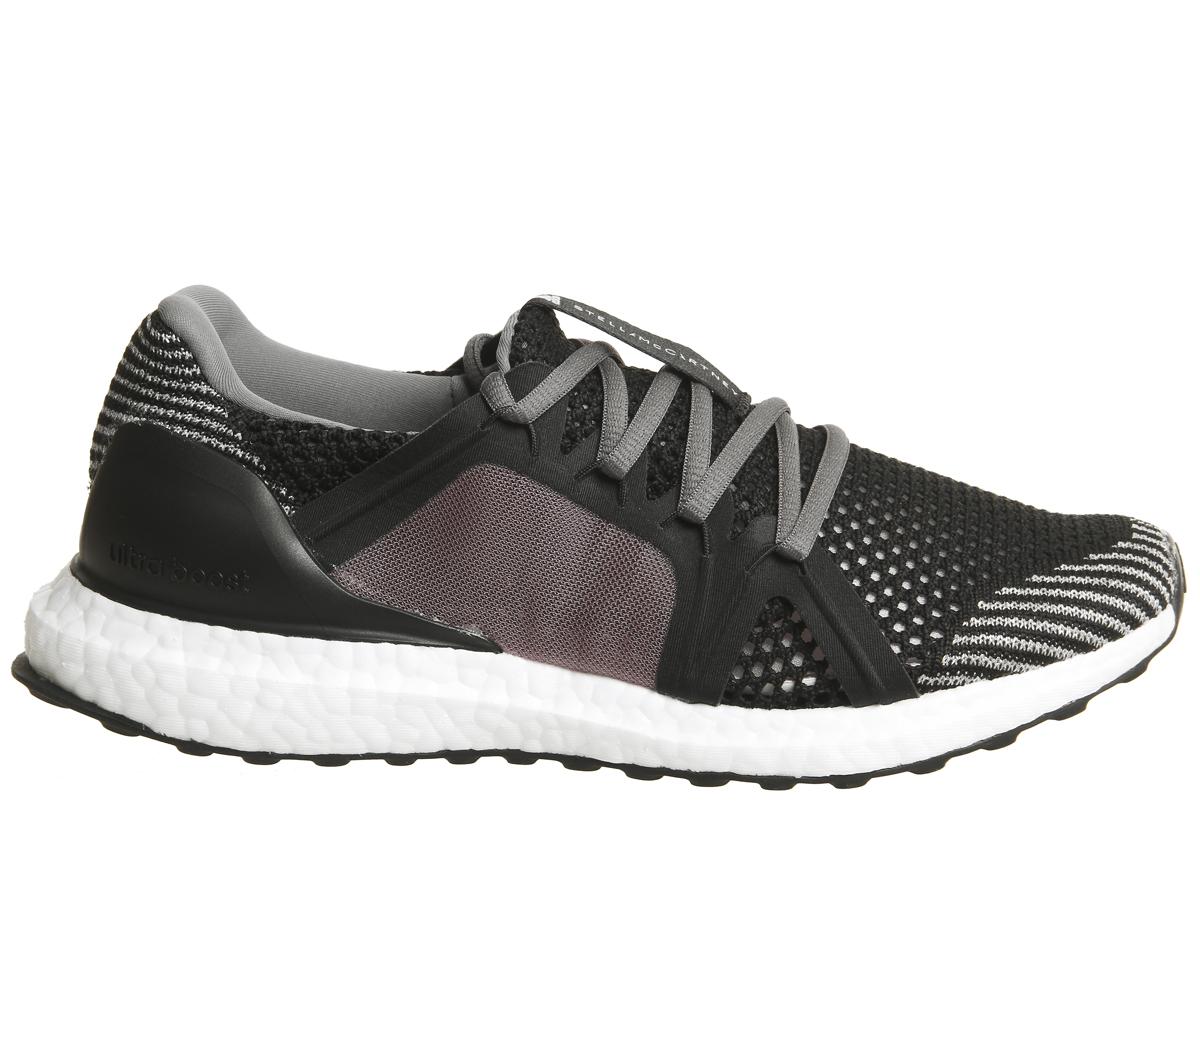 5bf9d4bb9b2 Dettagli su Da Donna Adidas Stella Ultra Boost Scarpe da ginnastica Scarpe  da ginnastica Core Black- mostra il titolo originale